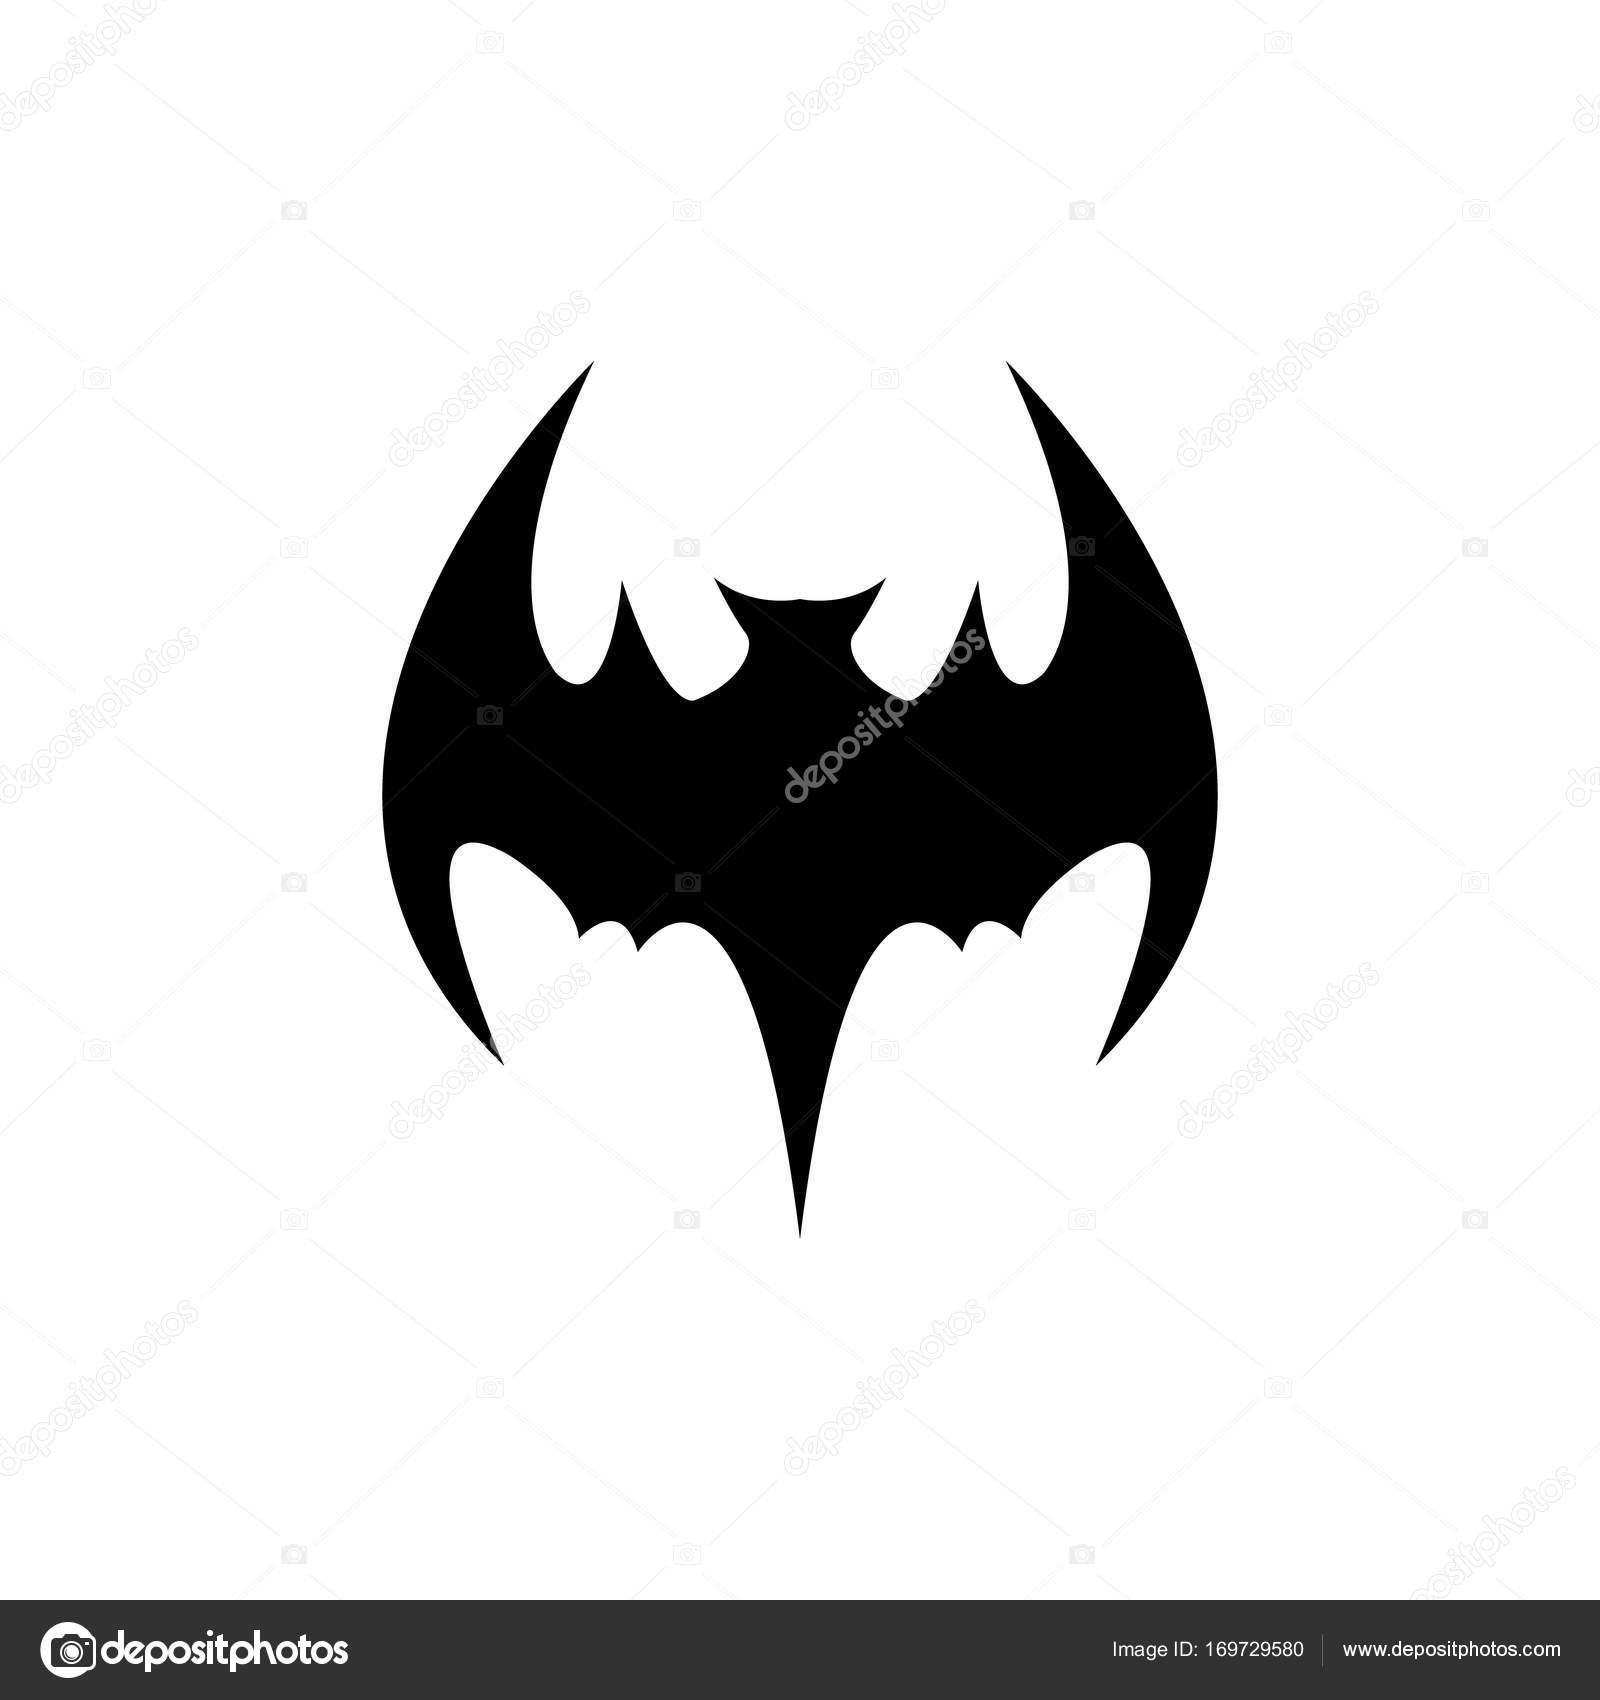 Vektor-Halloween schwarze Fledermaus Tier Symbol oder Zeichen ...